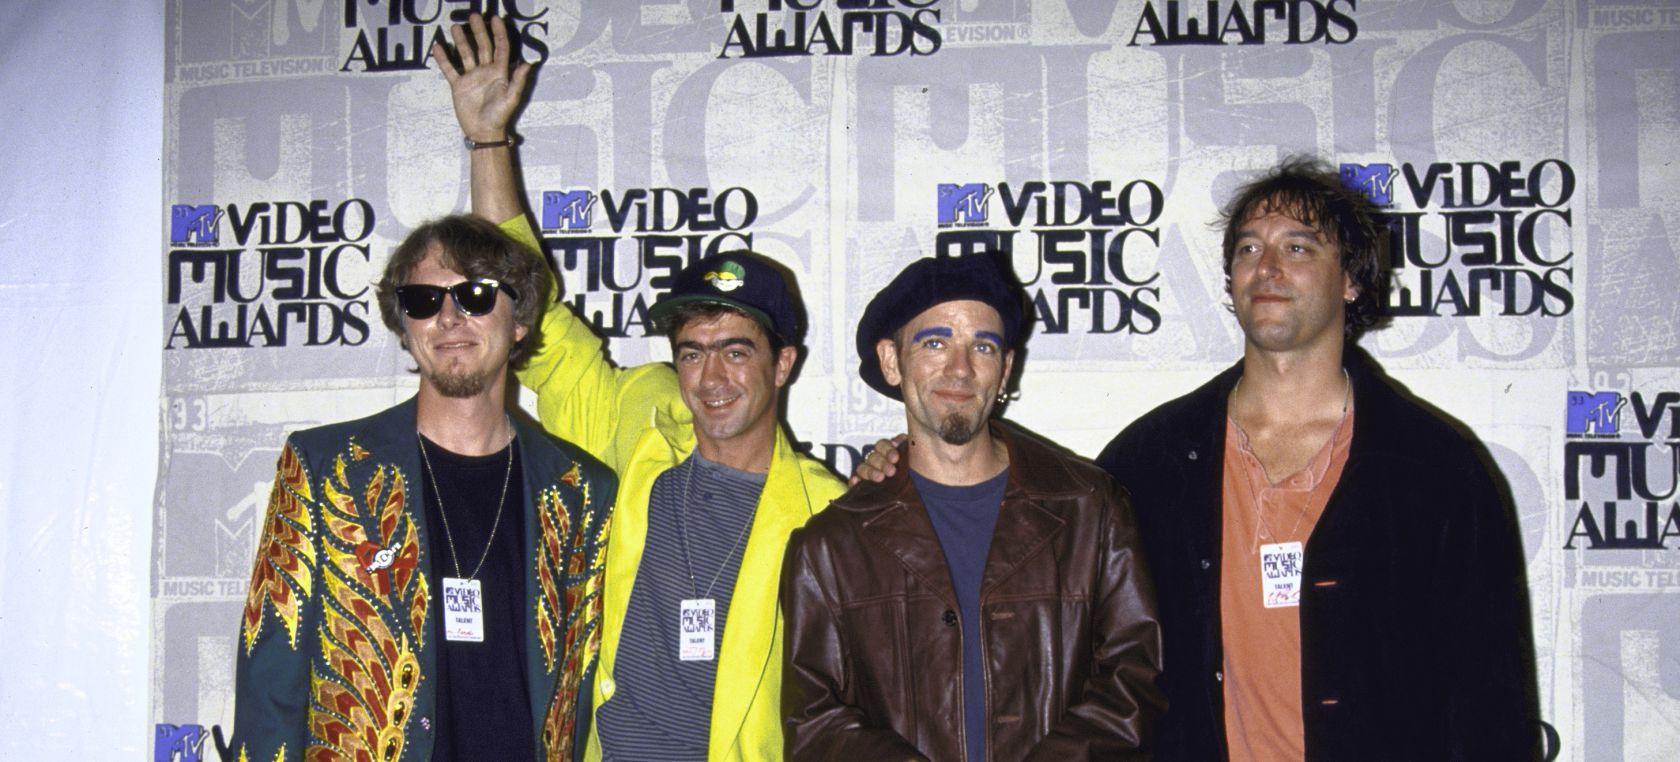 ¿Por qué 'Shiny Happy People' es la canción más odiada de R.E.M.?